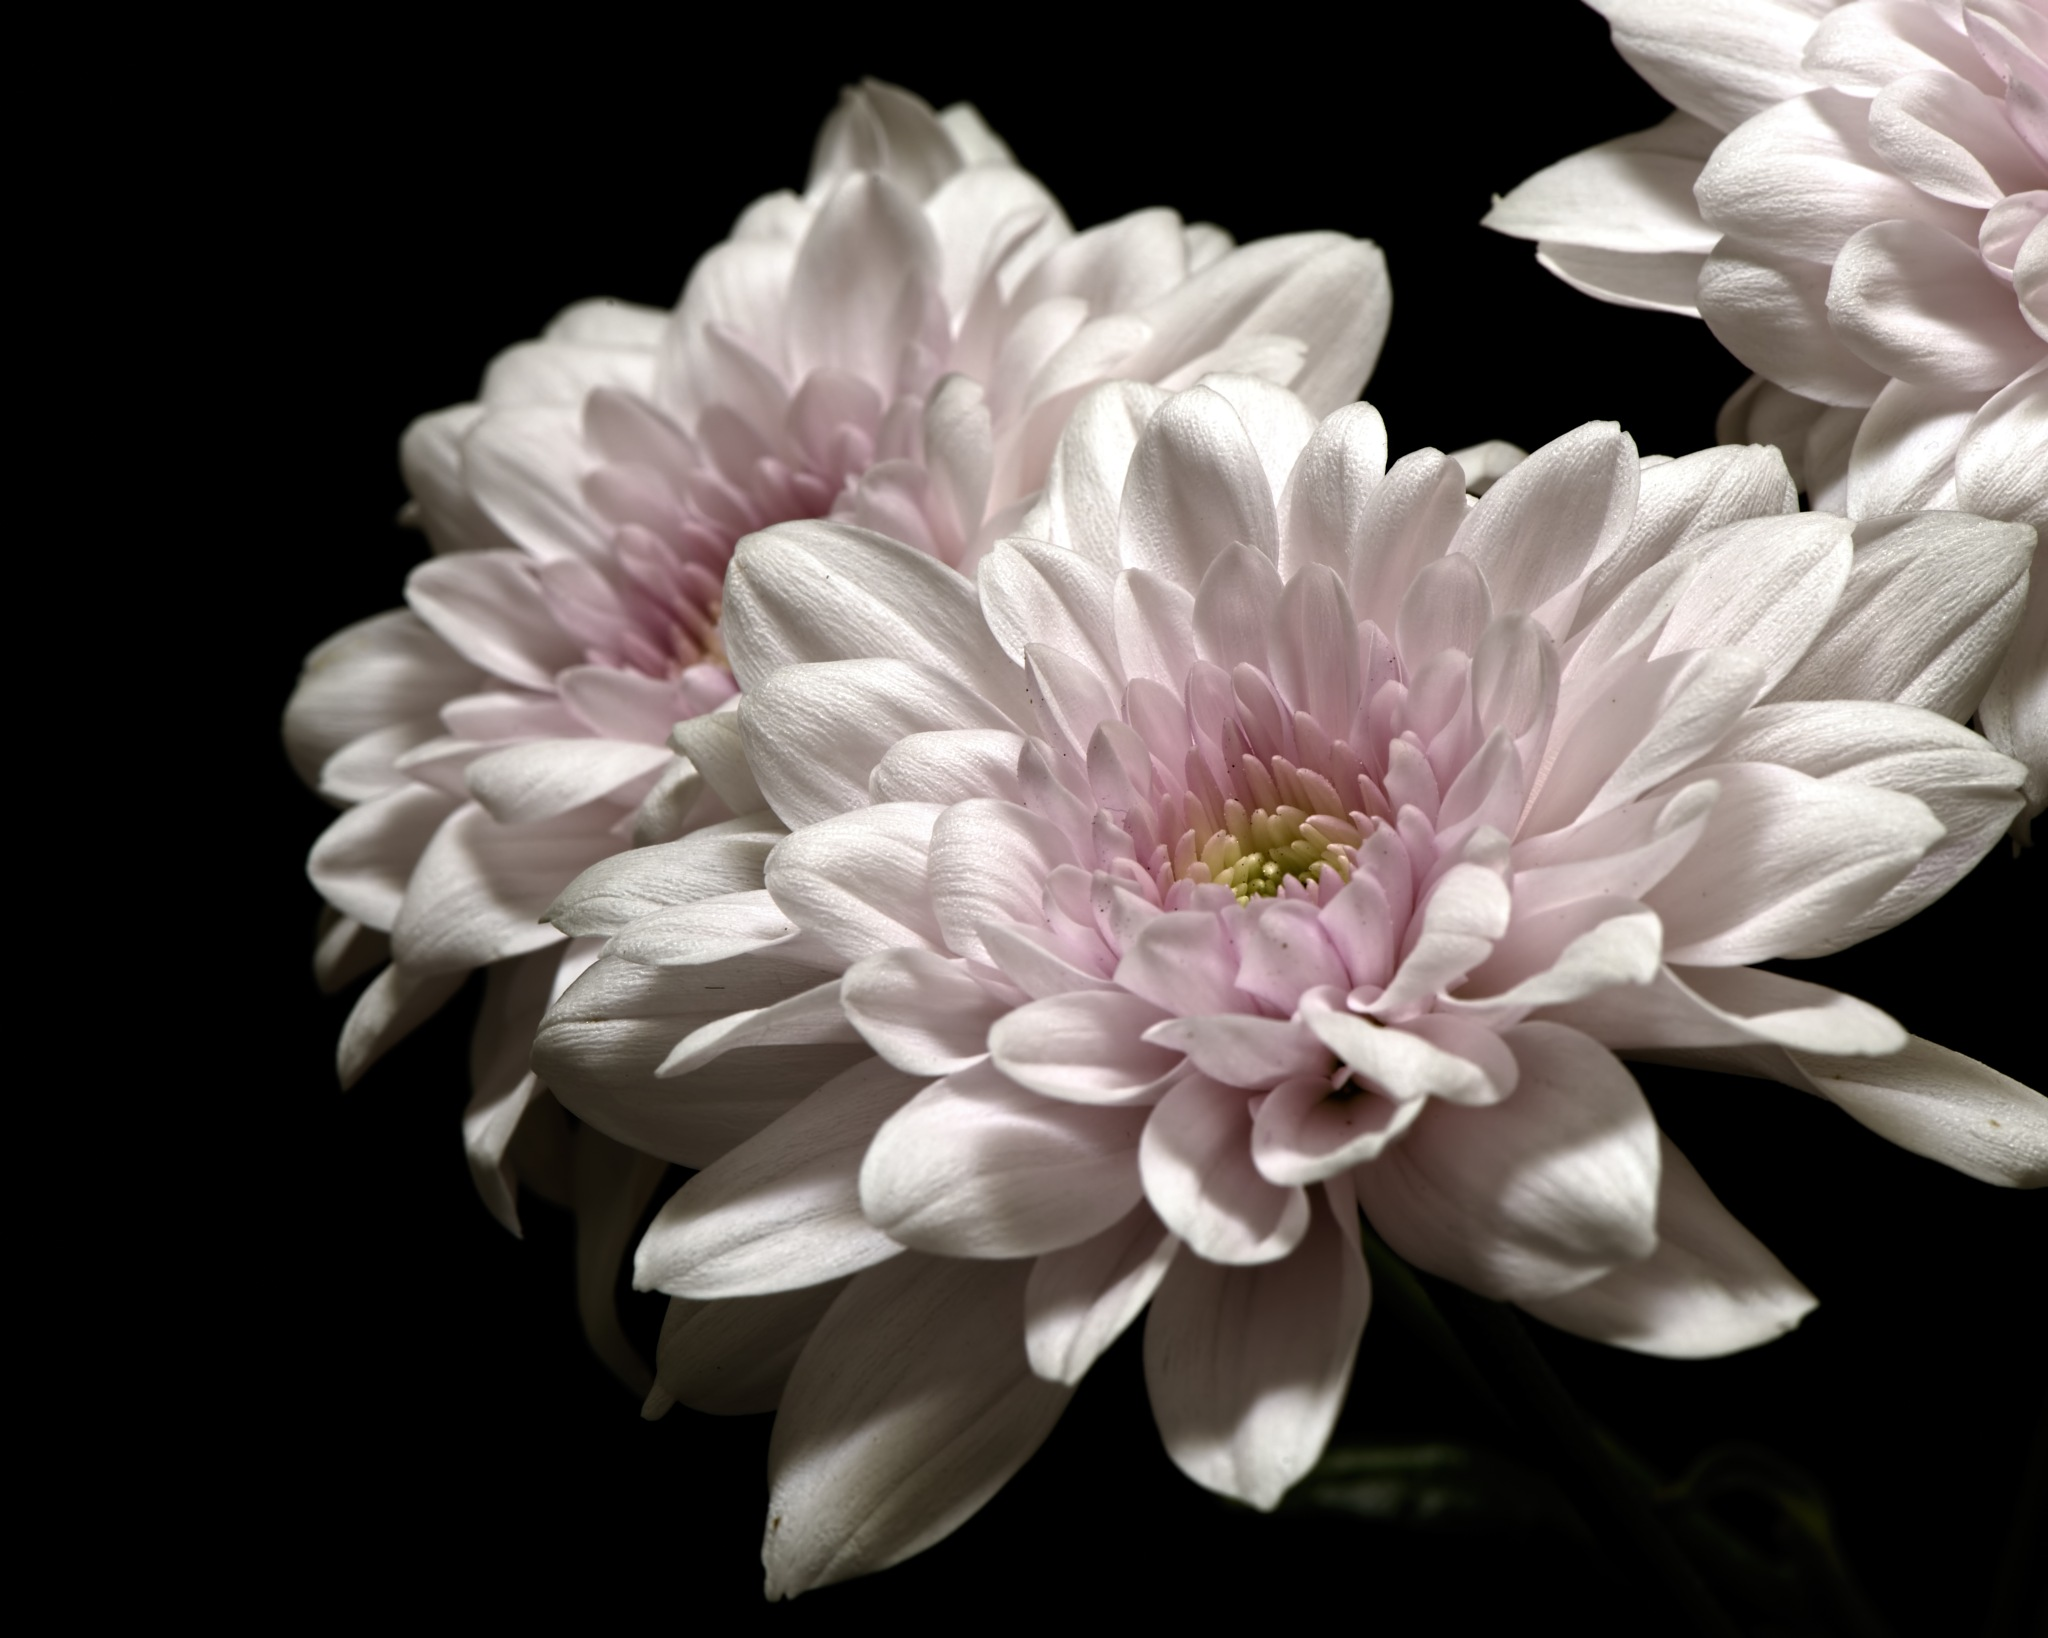 Pink Mum 0805 by ThomasJerger